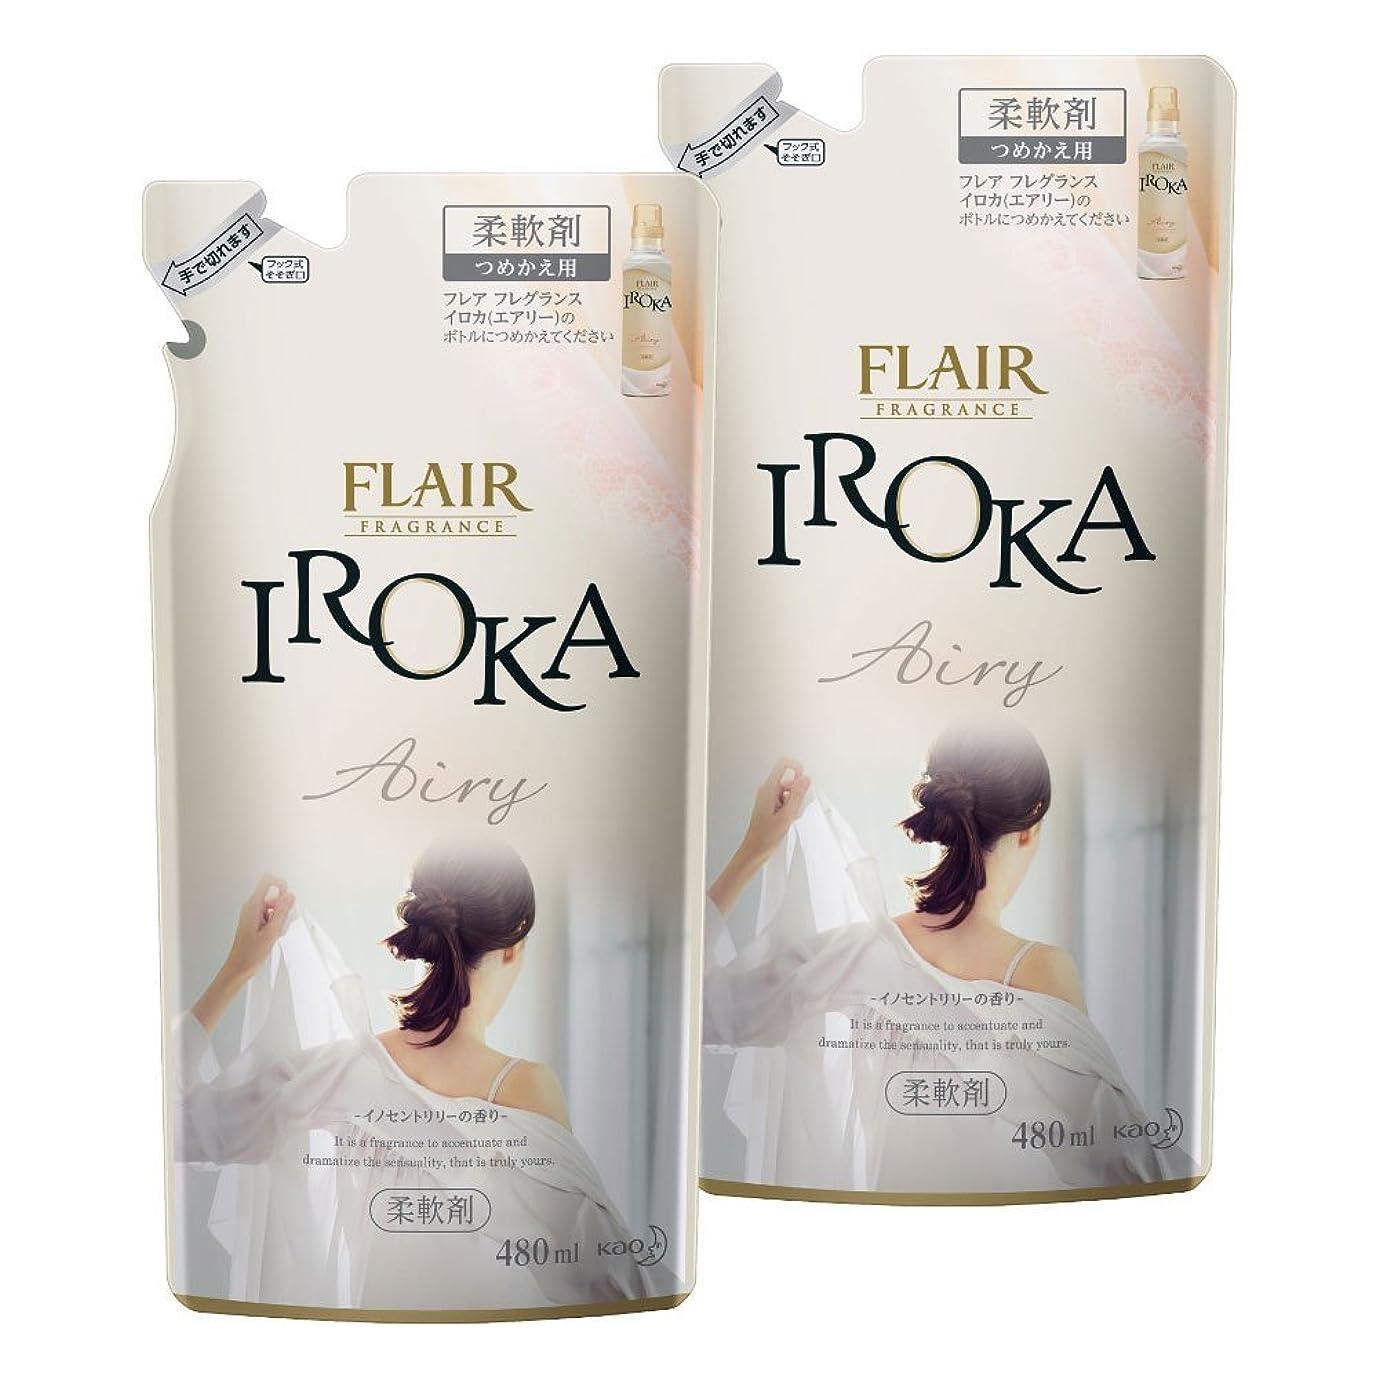 ストラップ怠惰適応的【まとめ買い】フレアフレグランス 柔軟剤 IROKA(イロカ) Airy(エアリー) 詰替用 480ml×2個